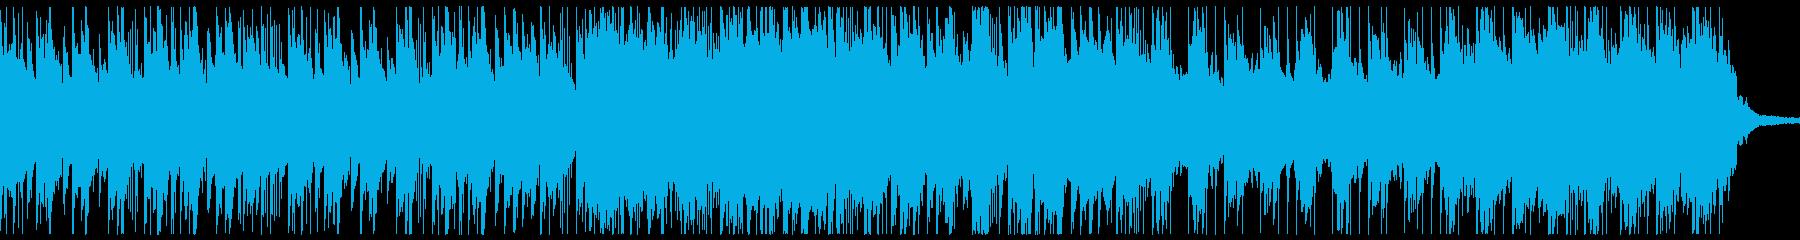 ピアノとストリングスがメインの悲しい曲の再生済みの波形